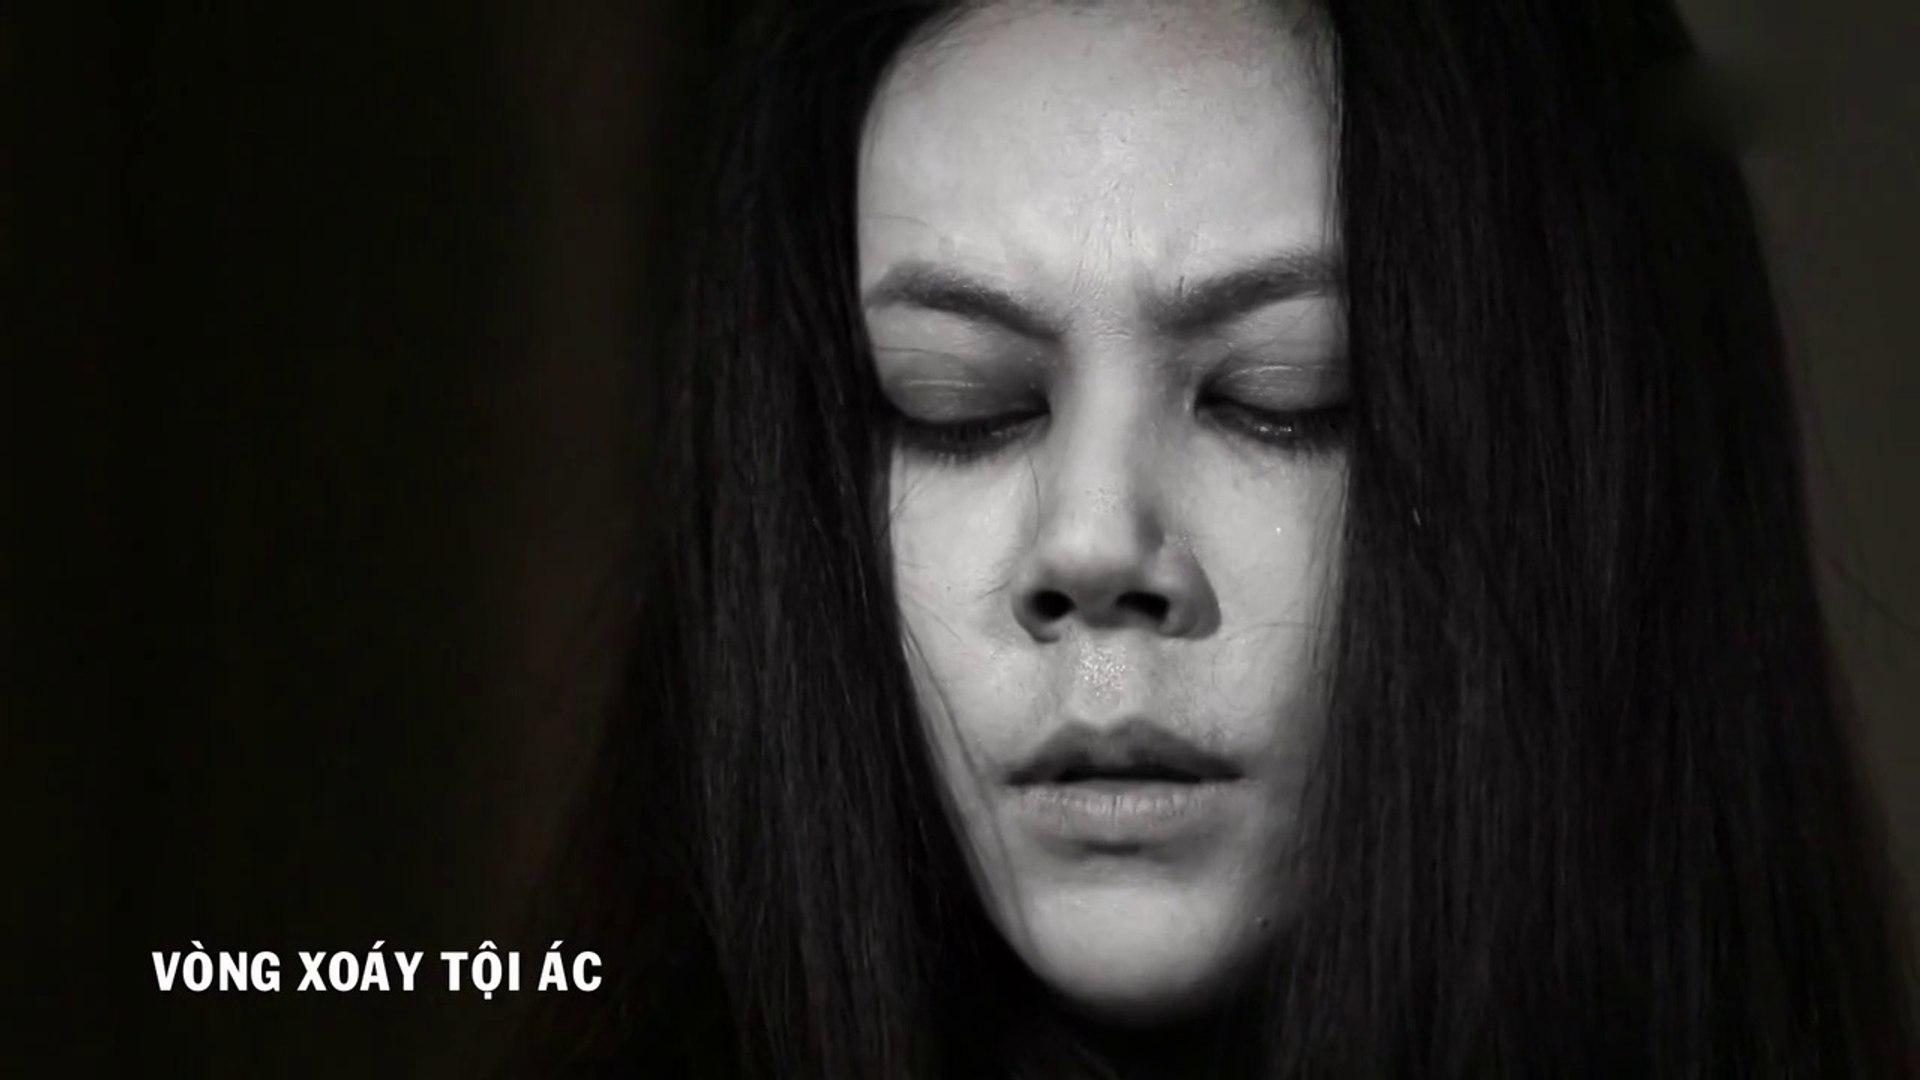 Vòng Xoáy Tội Ác Tập 4 - Phim Thái Lan Lồng Tiếng